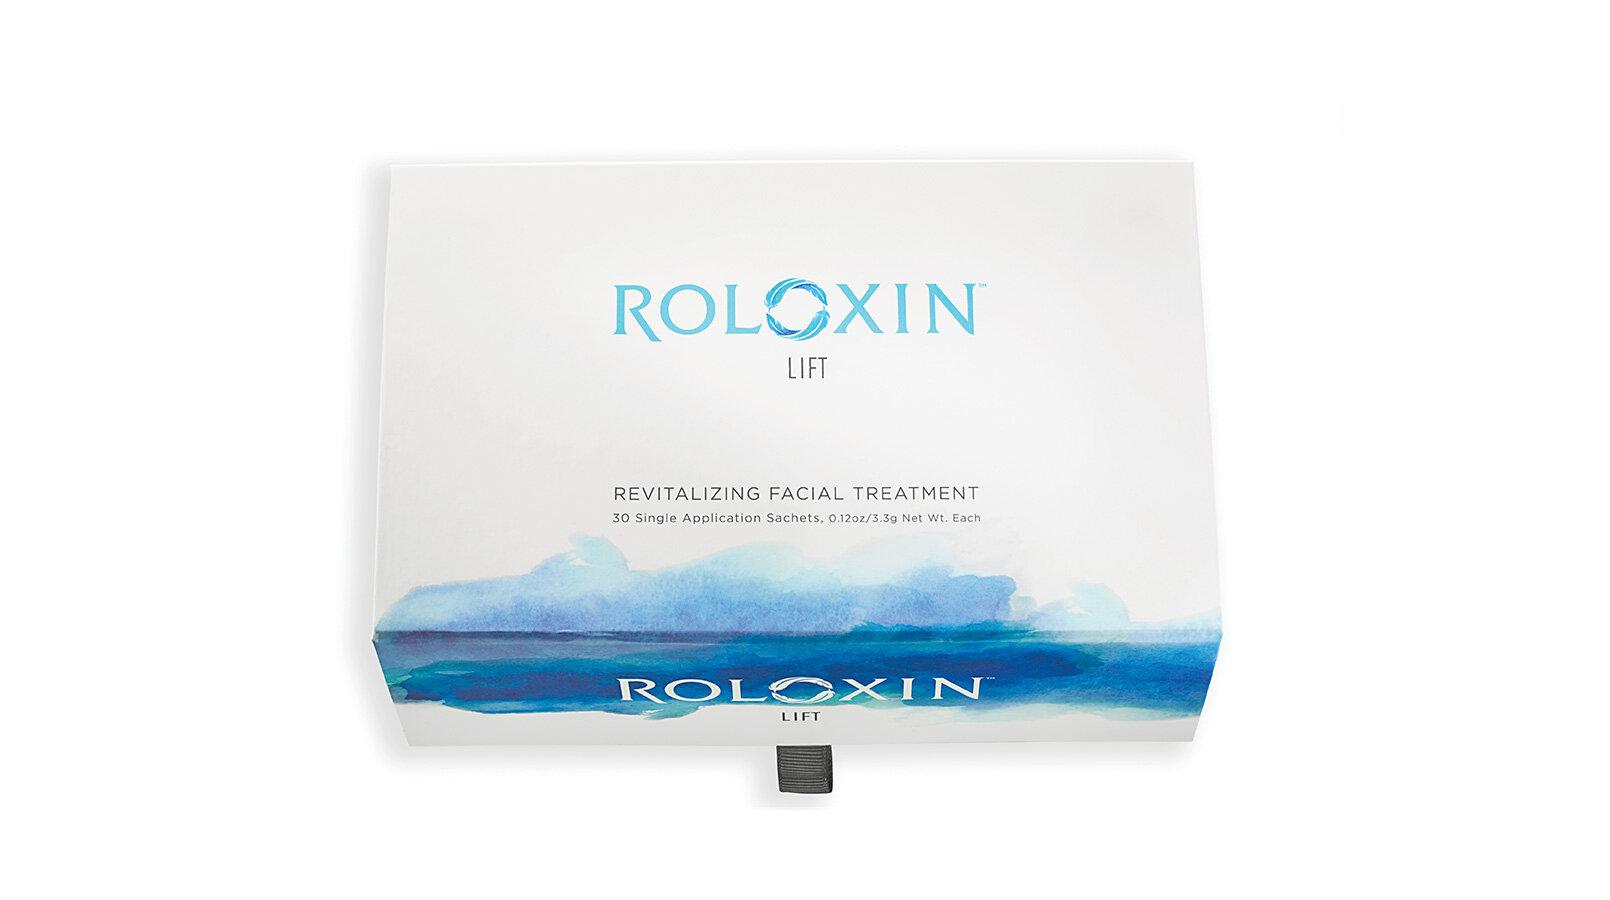 Roloxin-Lift-Skincare-Box包装 - 公司设计-3.JPG